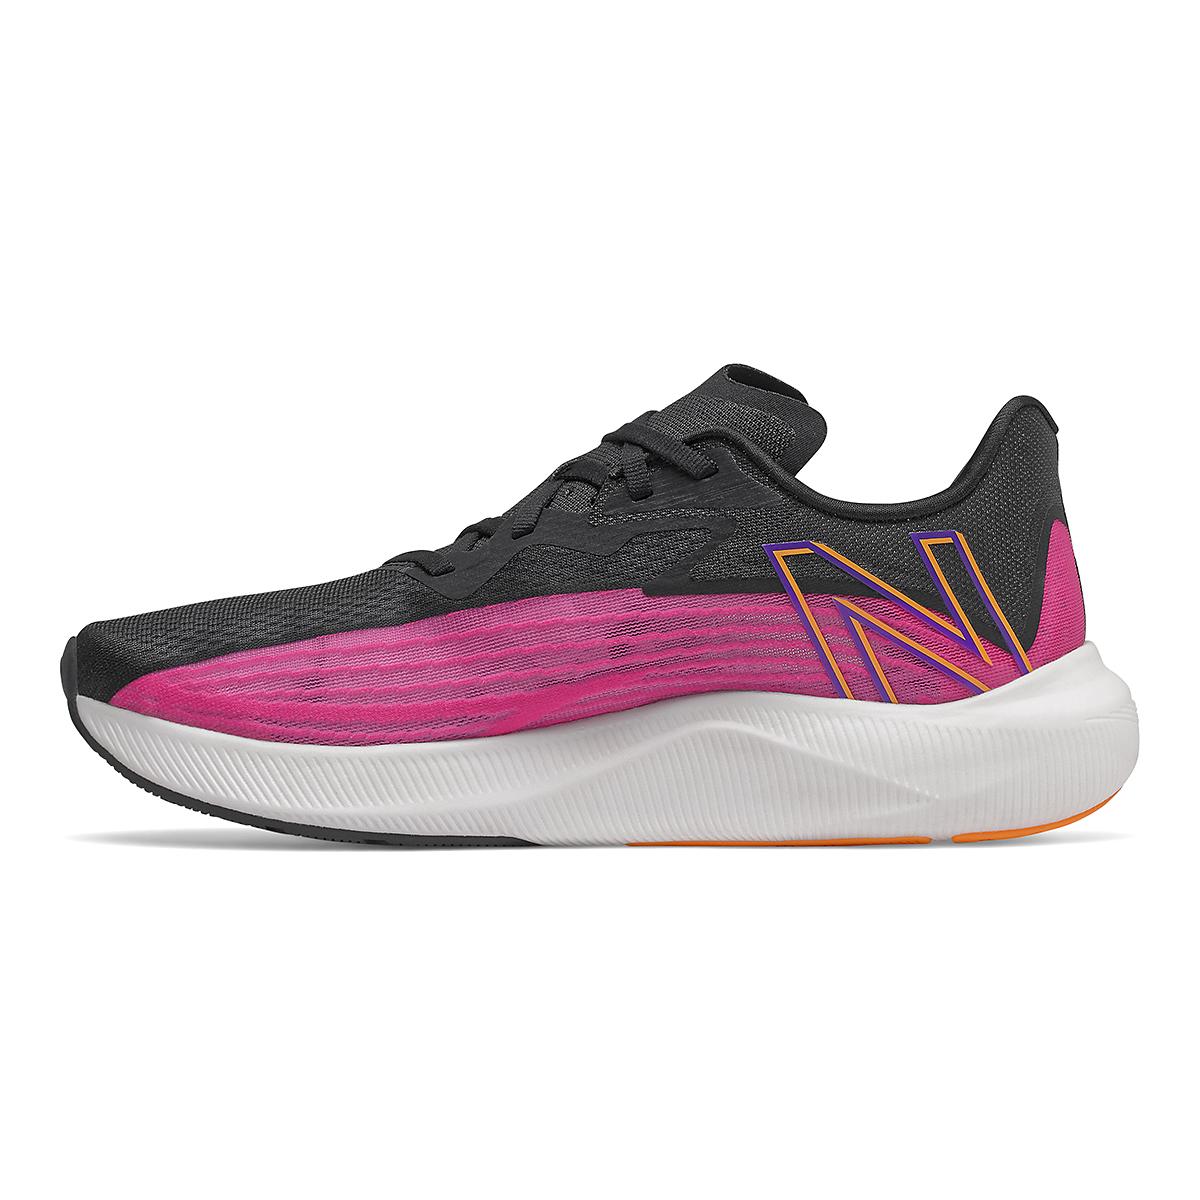 Men's New Balance Fuelcell Rebel V2 Running Shoe - Color: Pink Glo/Black - Size: 6 - Width: Wide, Pink Glo/Black, large, image 3